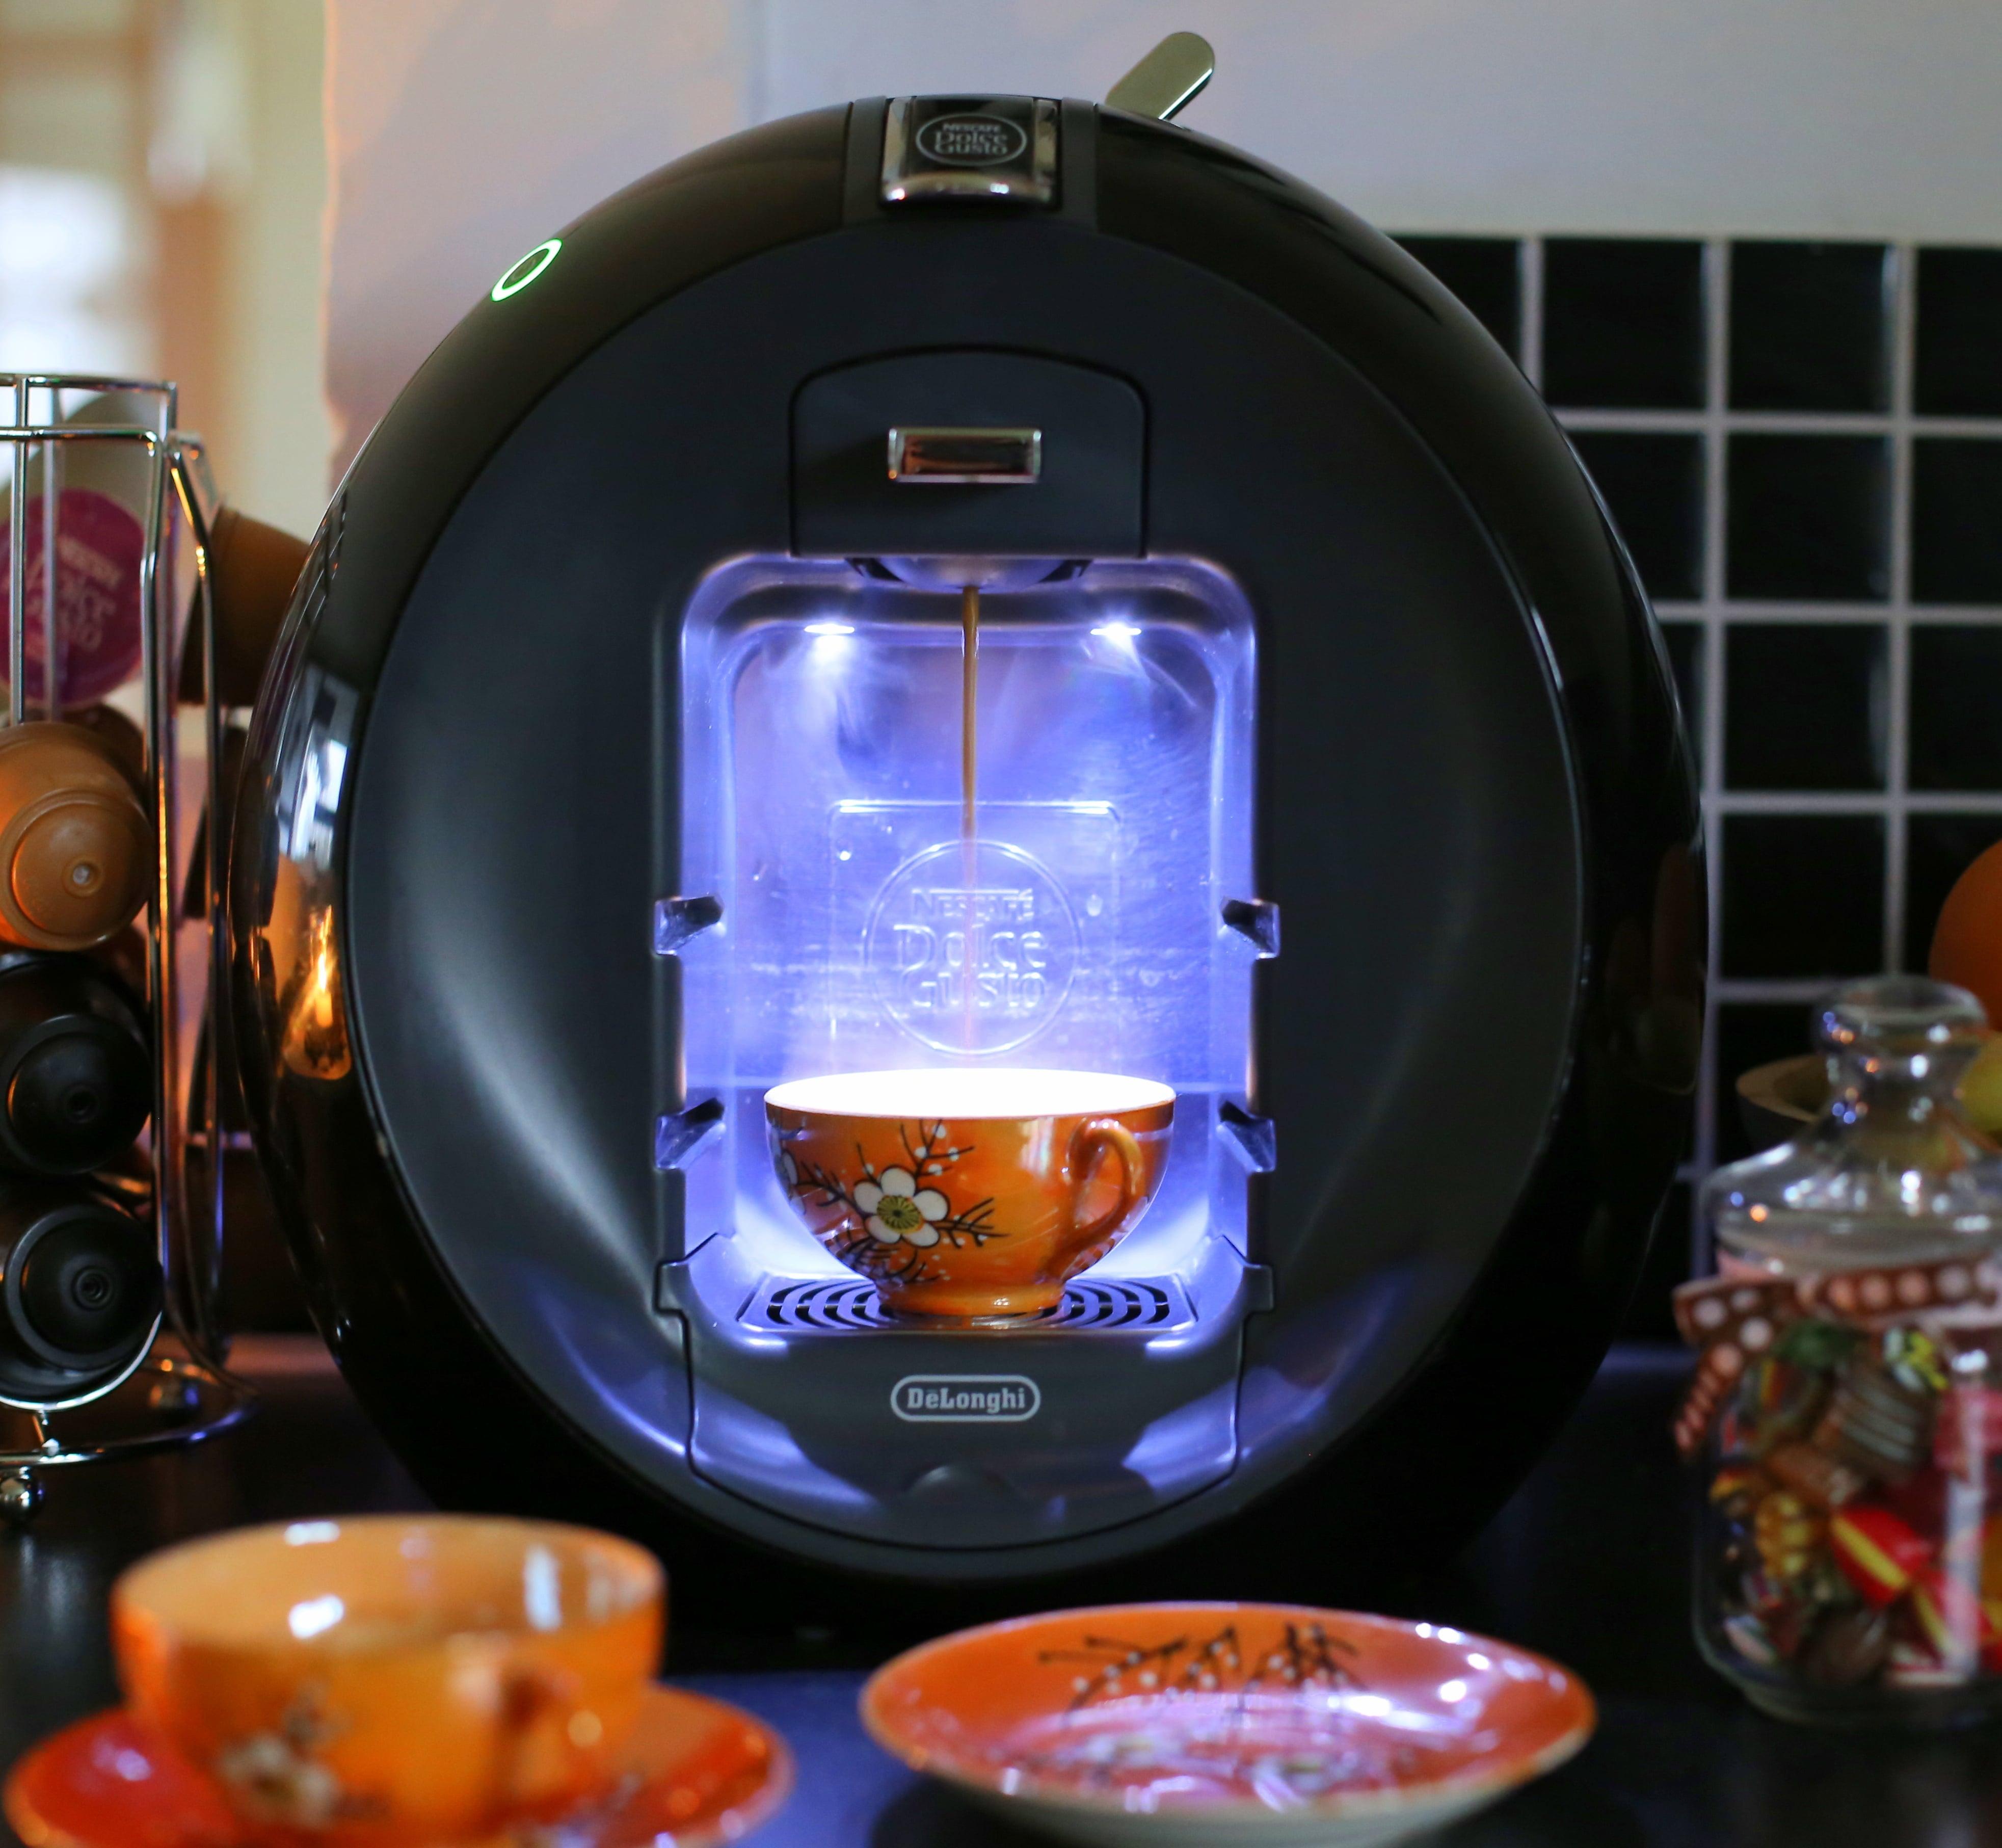 Nescafé Dolce Gusto Circolo kapsel kaffemaskine anmeldelse